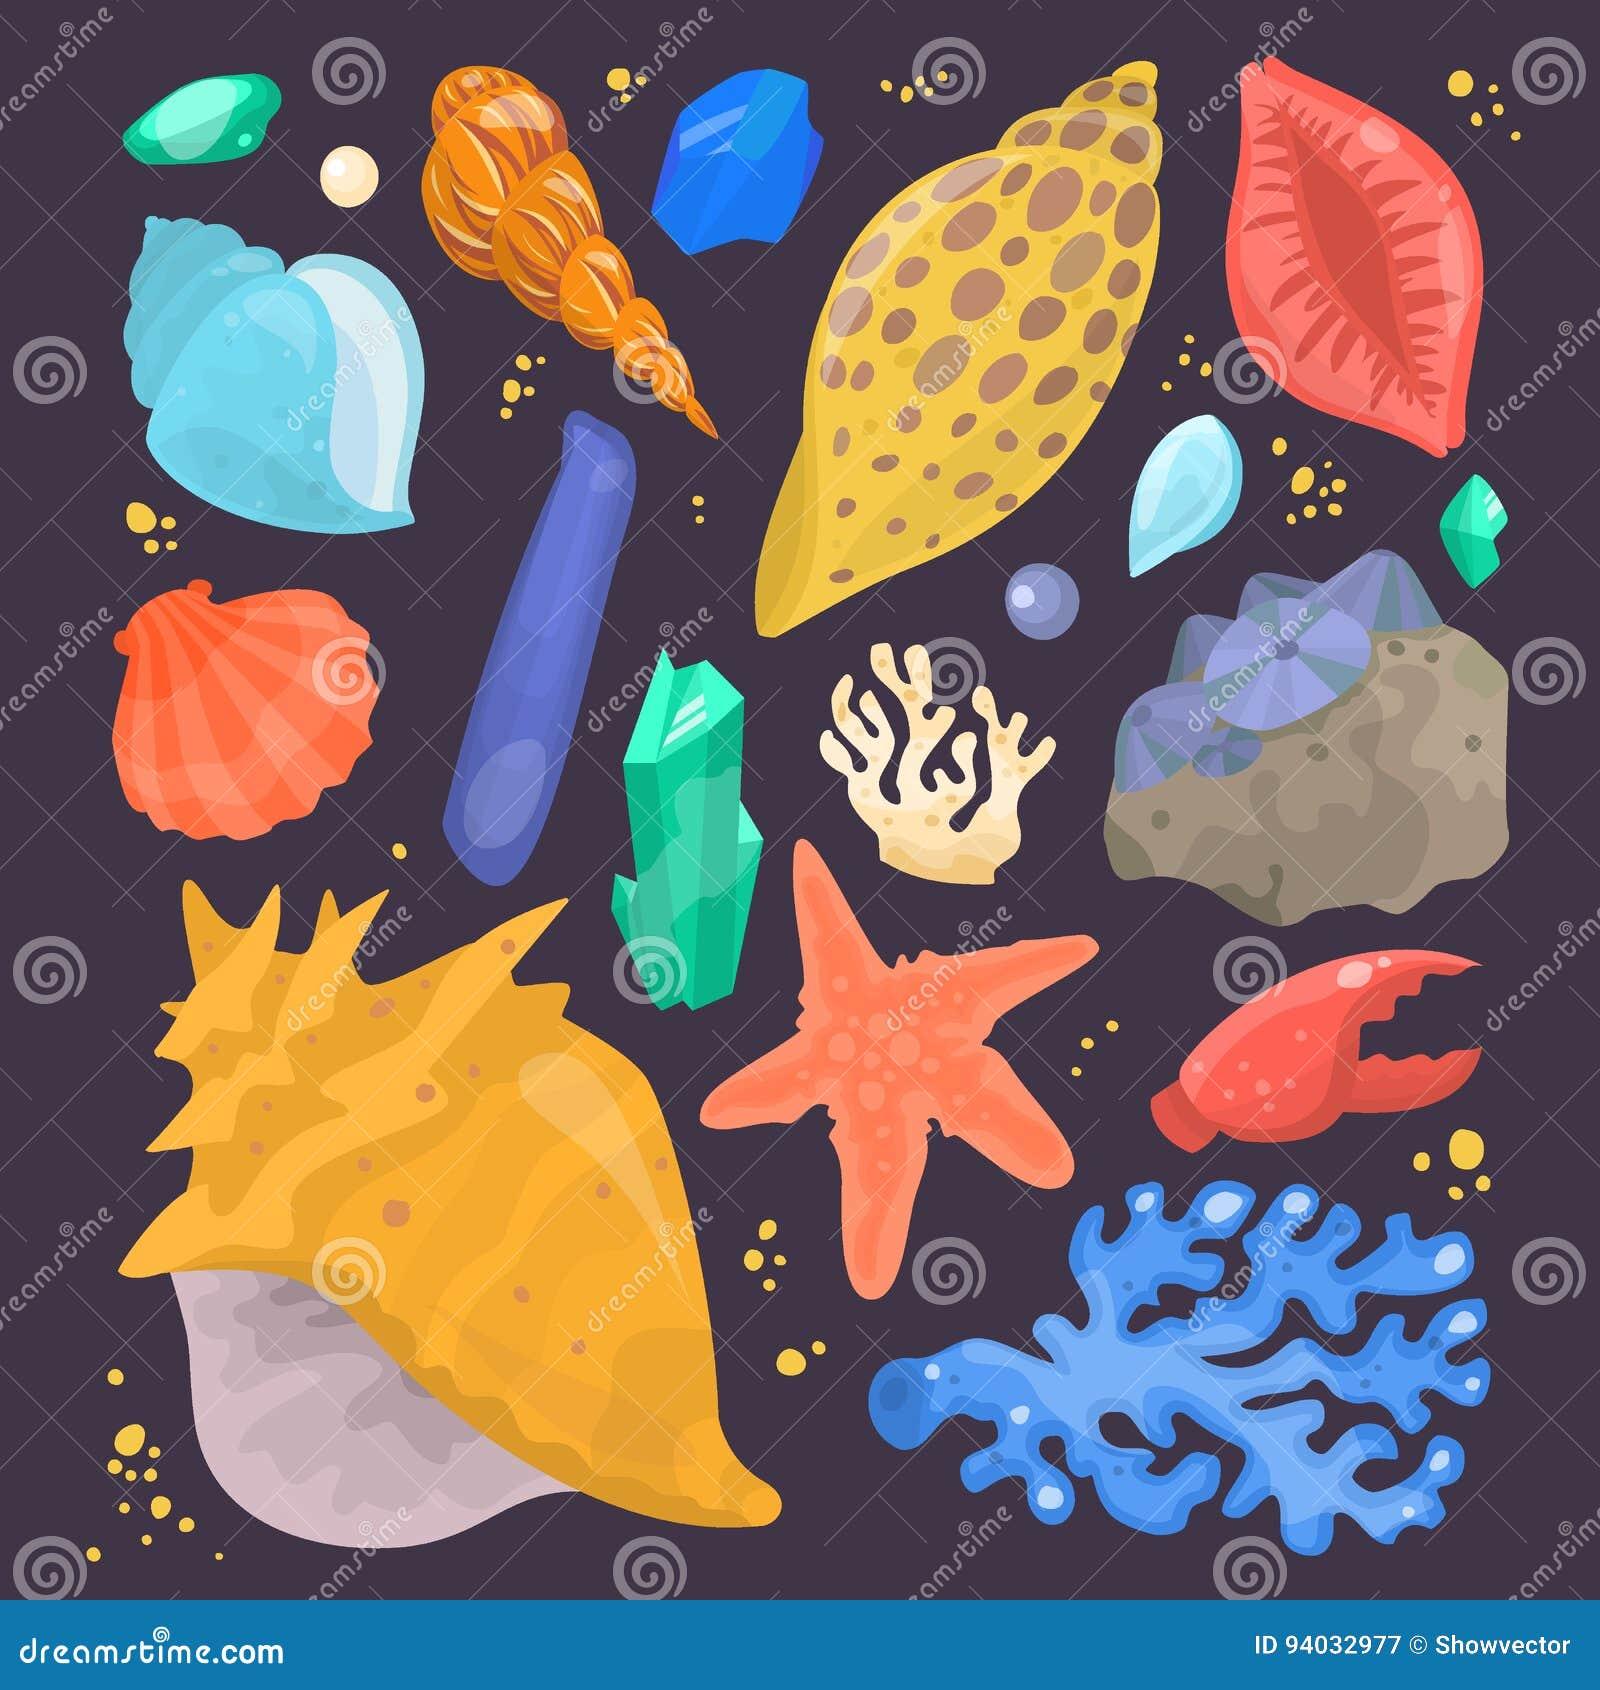 Morze łuska morską kreskówkę Shell i ocean rozgwiazdy coralline wektorową ilustrację odizolowywającą